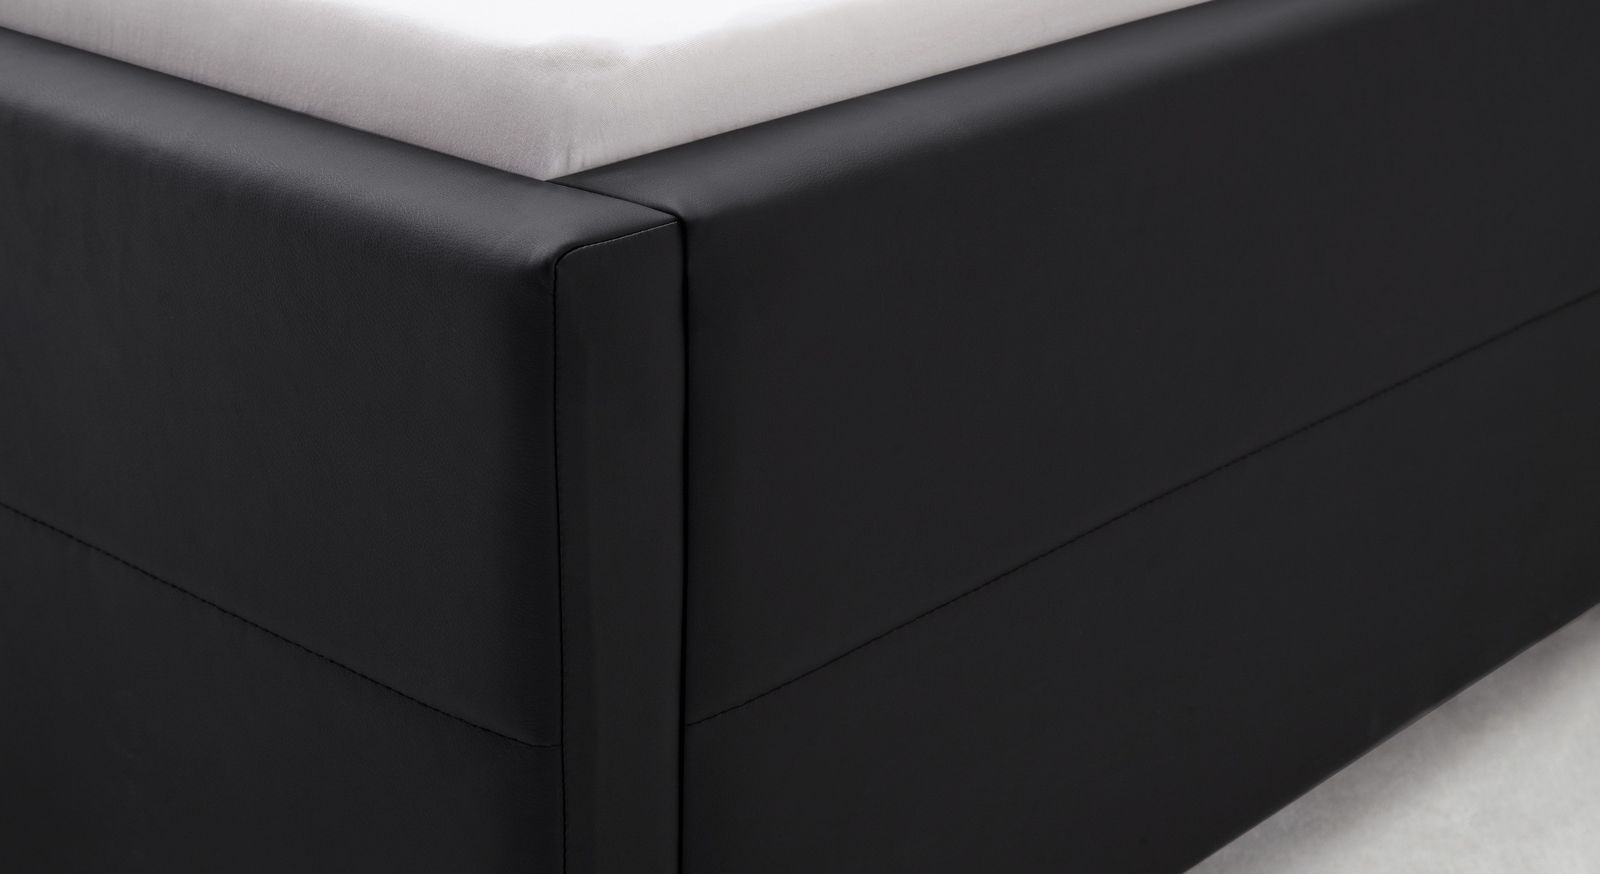 Polsterbett 180x200 cm mit Lattenrost und Bettkasten - Pattani